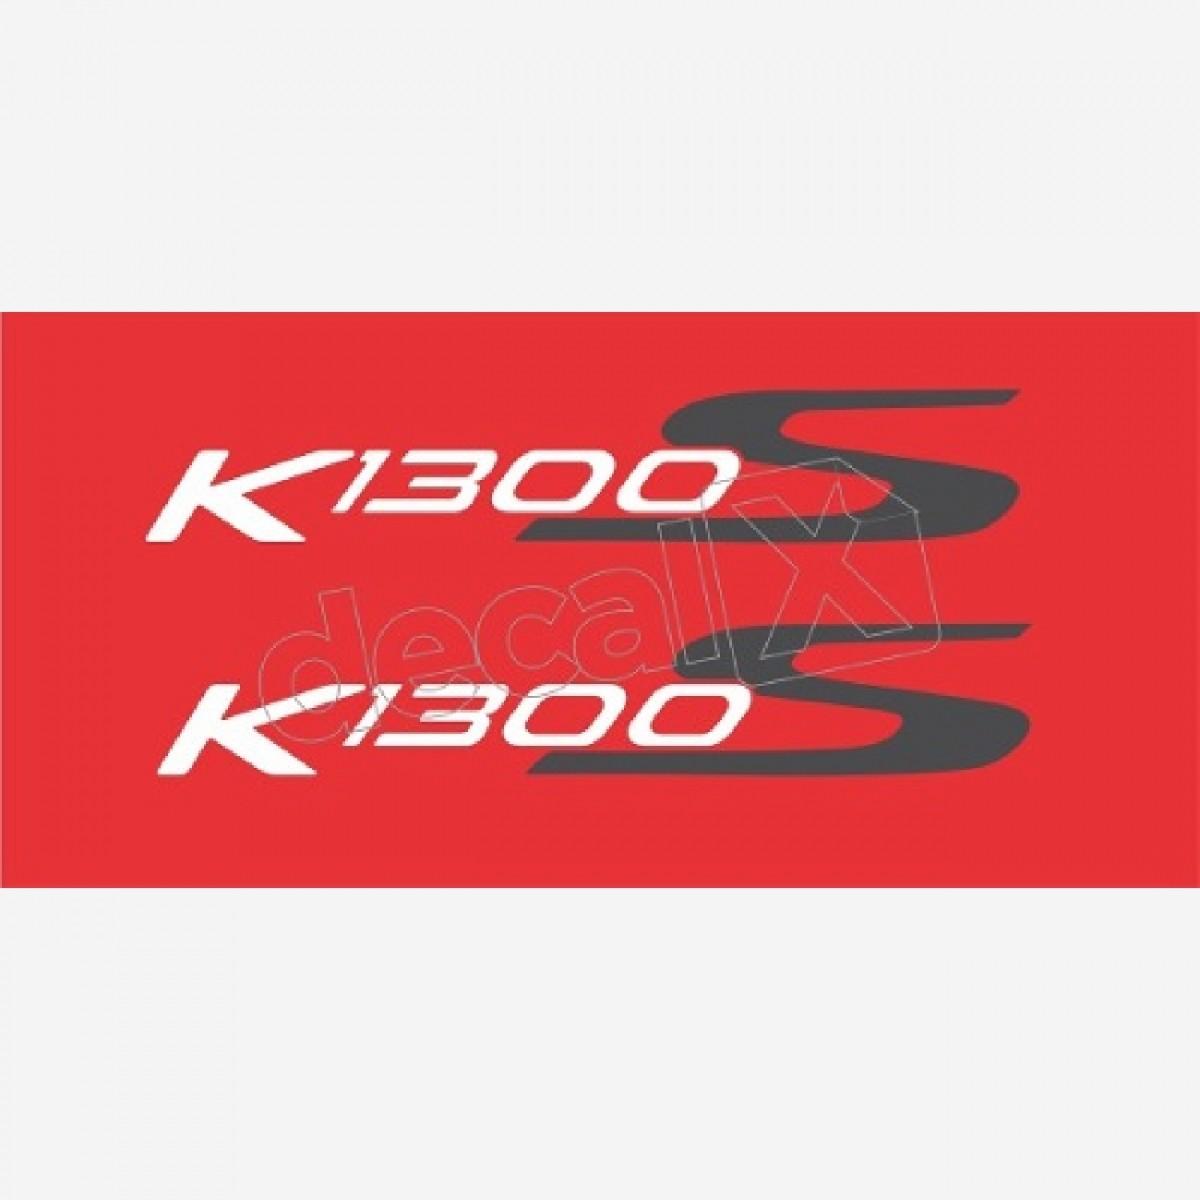 Emblema Adesivo Rabeta Bmw K1300s Vermelha Par Decalx